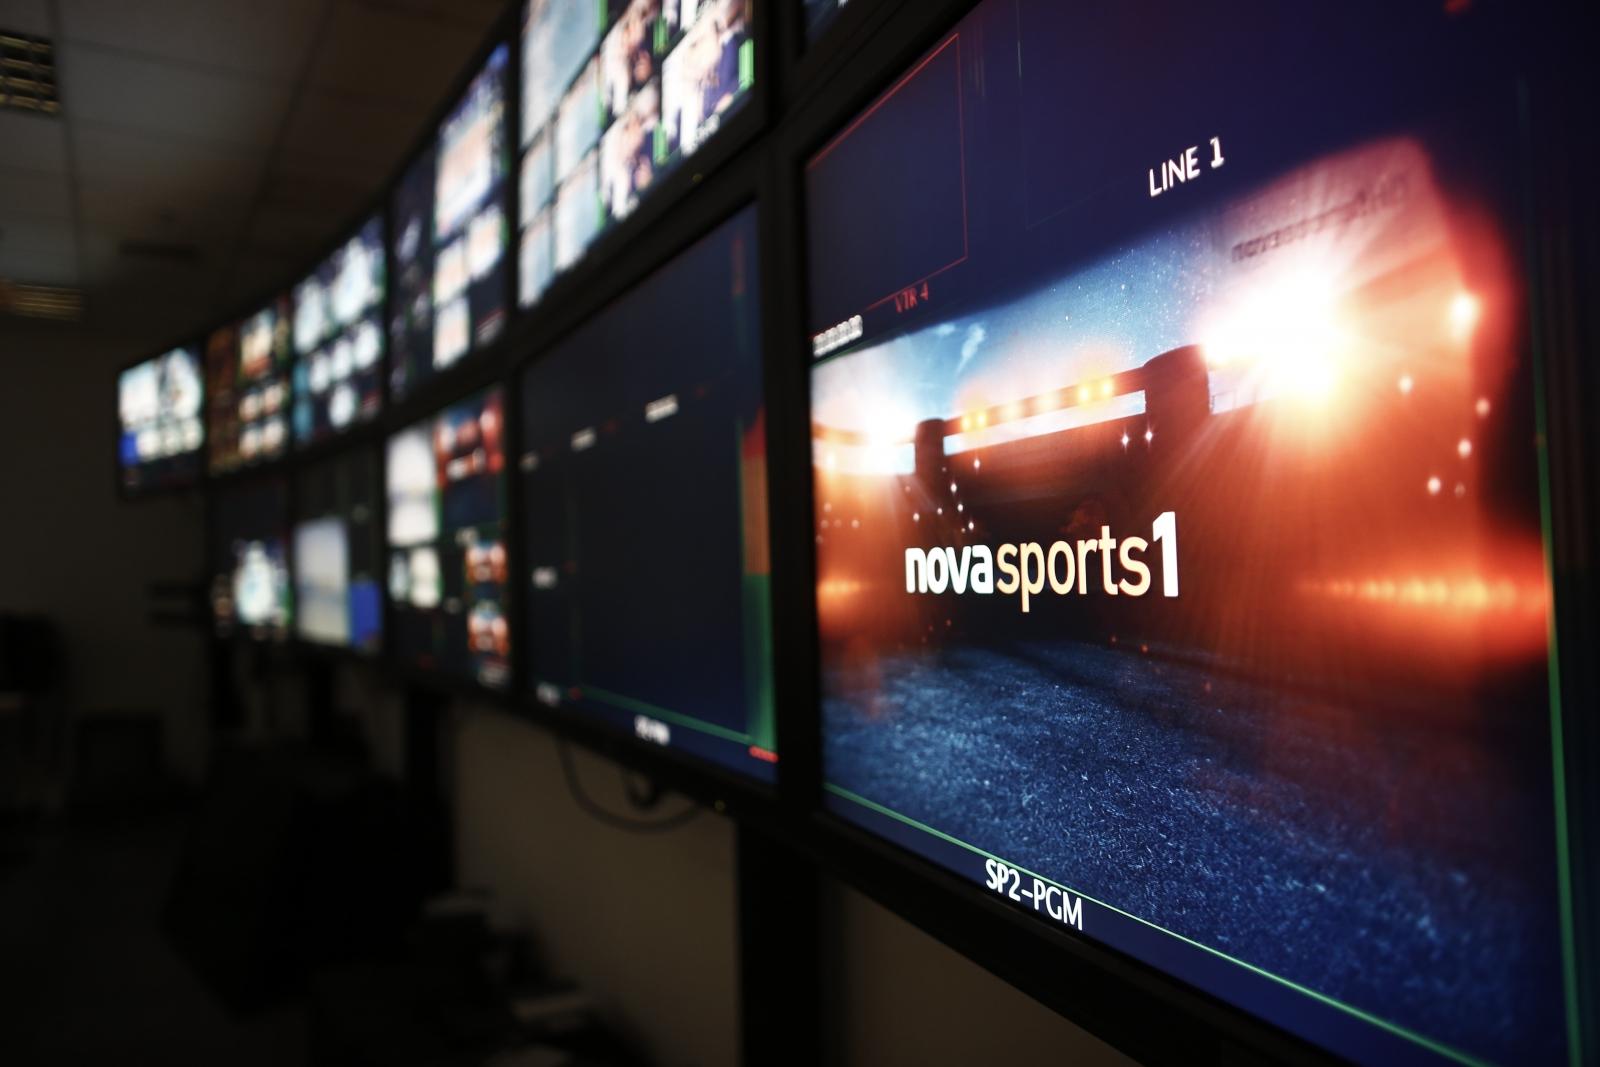 Nova: Ανταγωνιστική η τηλεοπτική αγορά, αλλά το ποδοσφαιρικό προϊόν αποκλειστική ευθύνη των ΠΑΕ